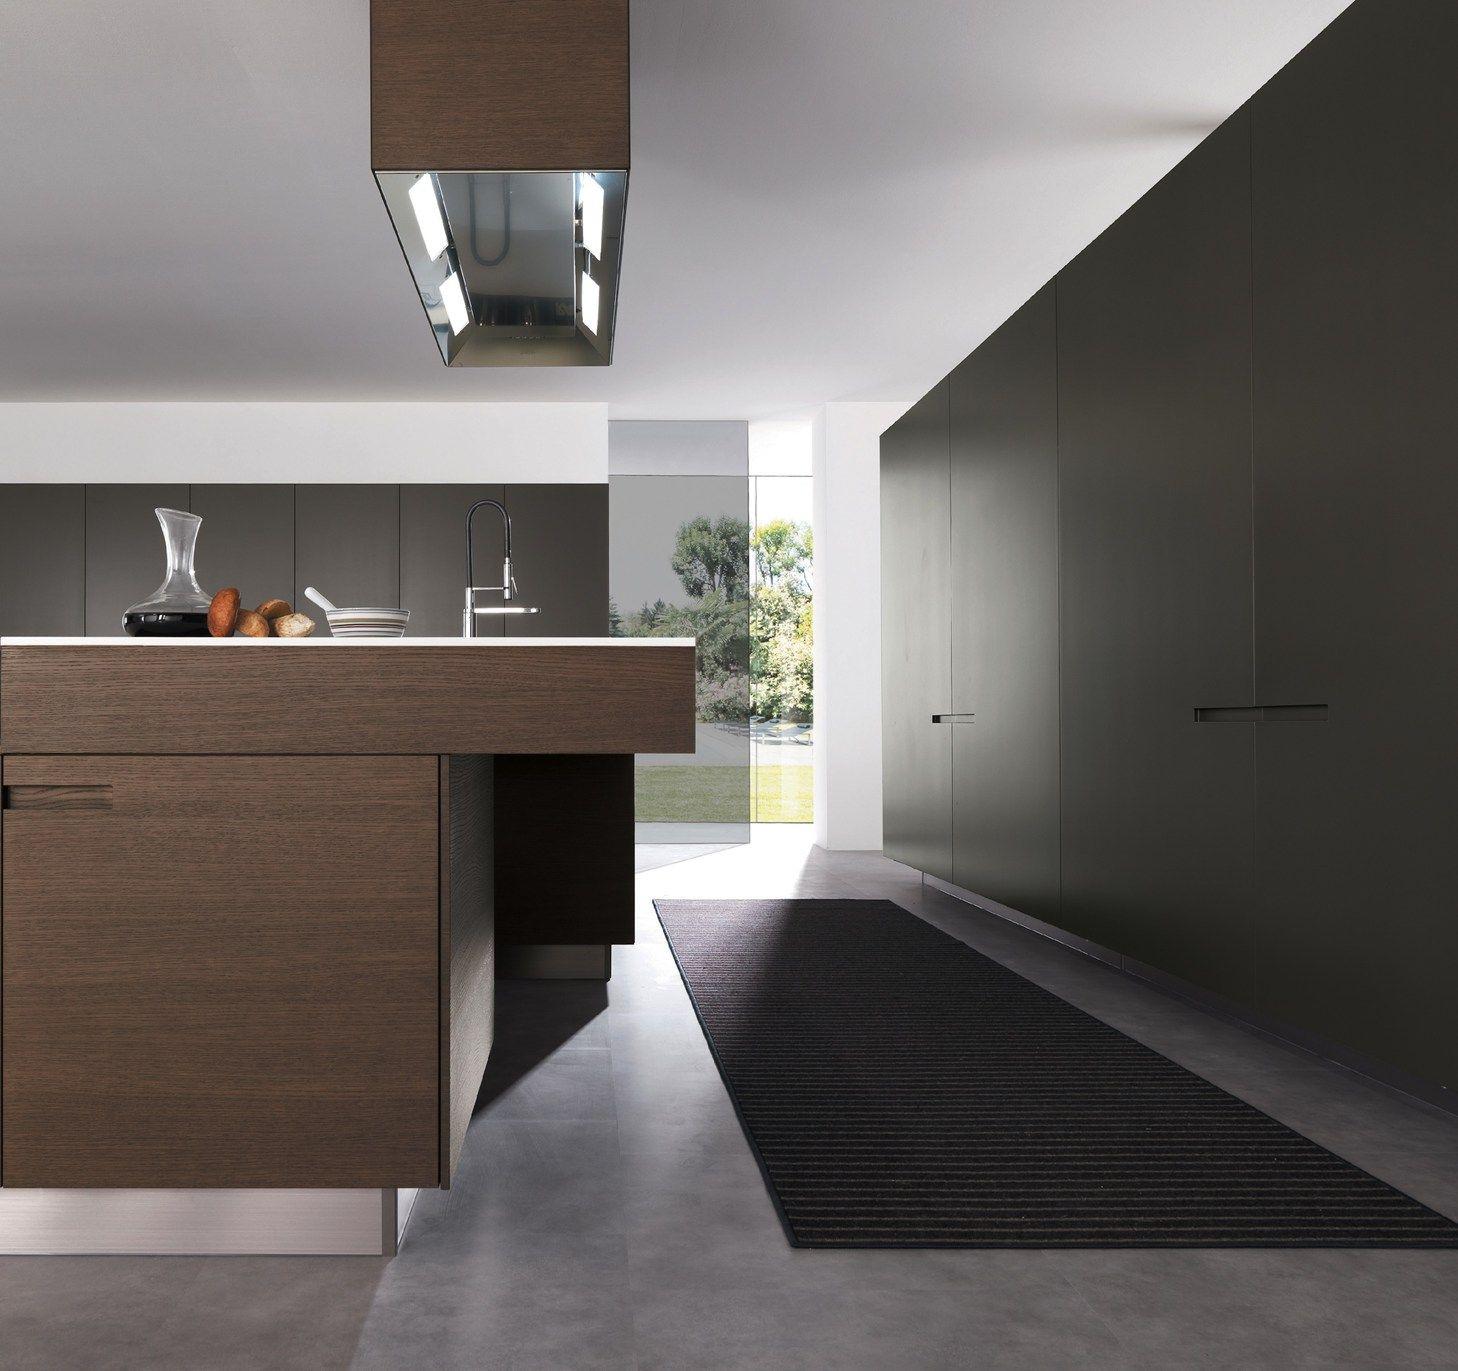 La cucina come centro vitale della casa - Euromobil cucine opinioni ...